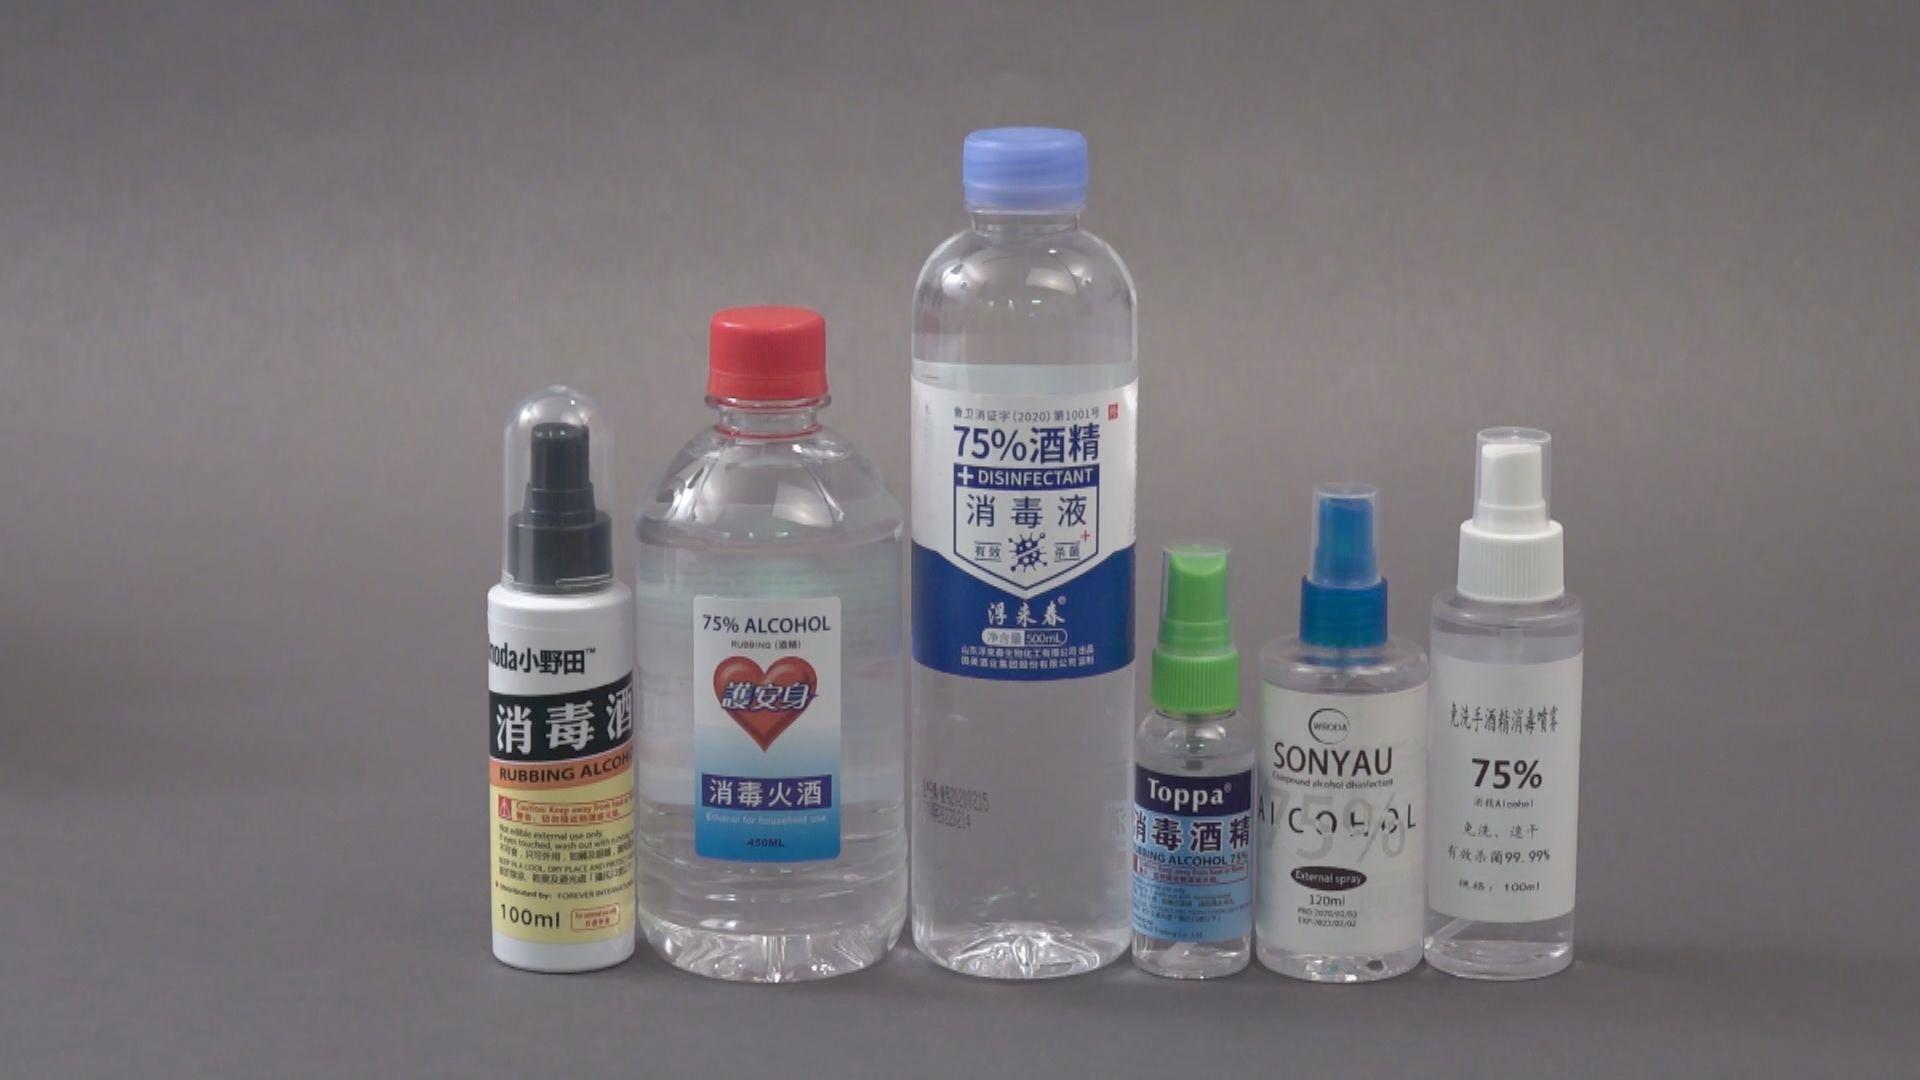 消委會:六款消毒酒精含有毒甲醇 避免清洗傷口